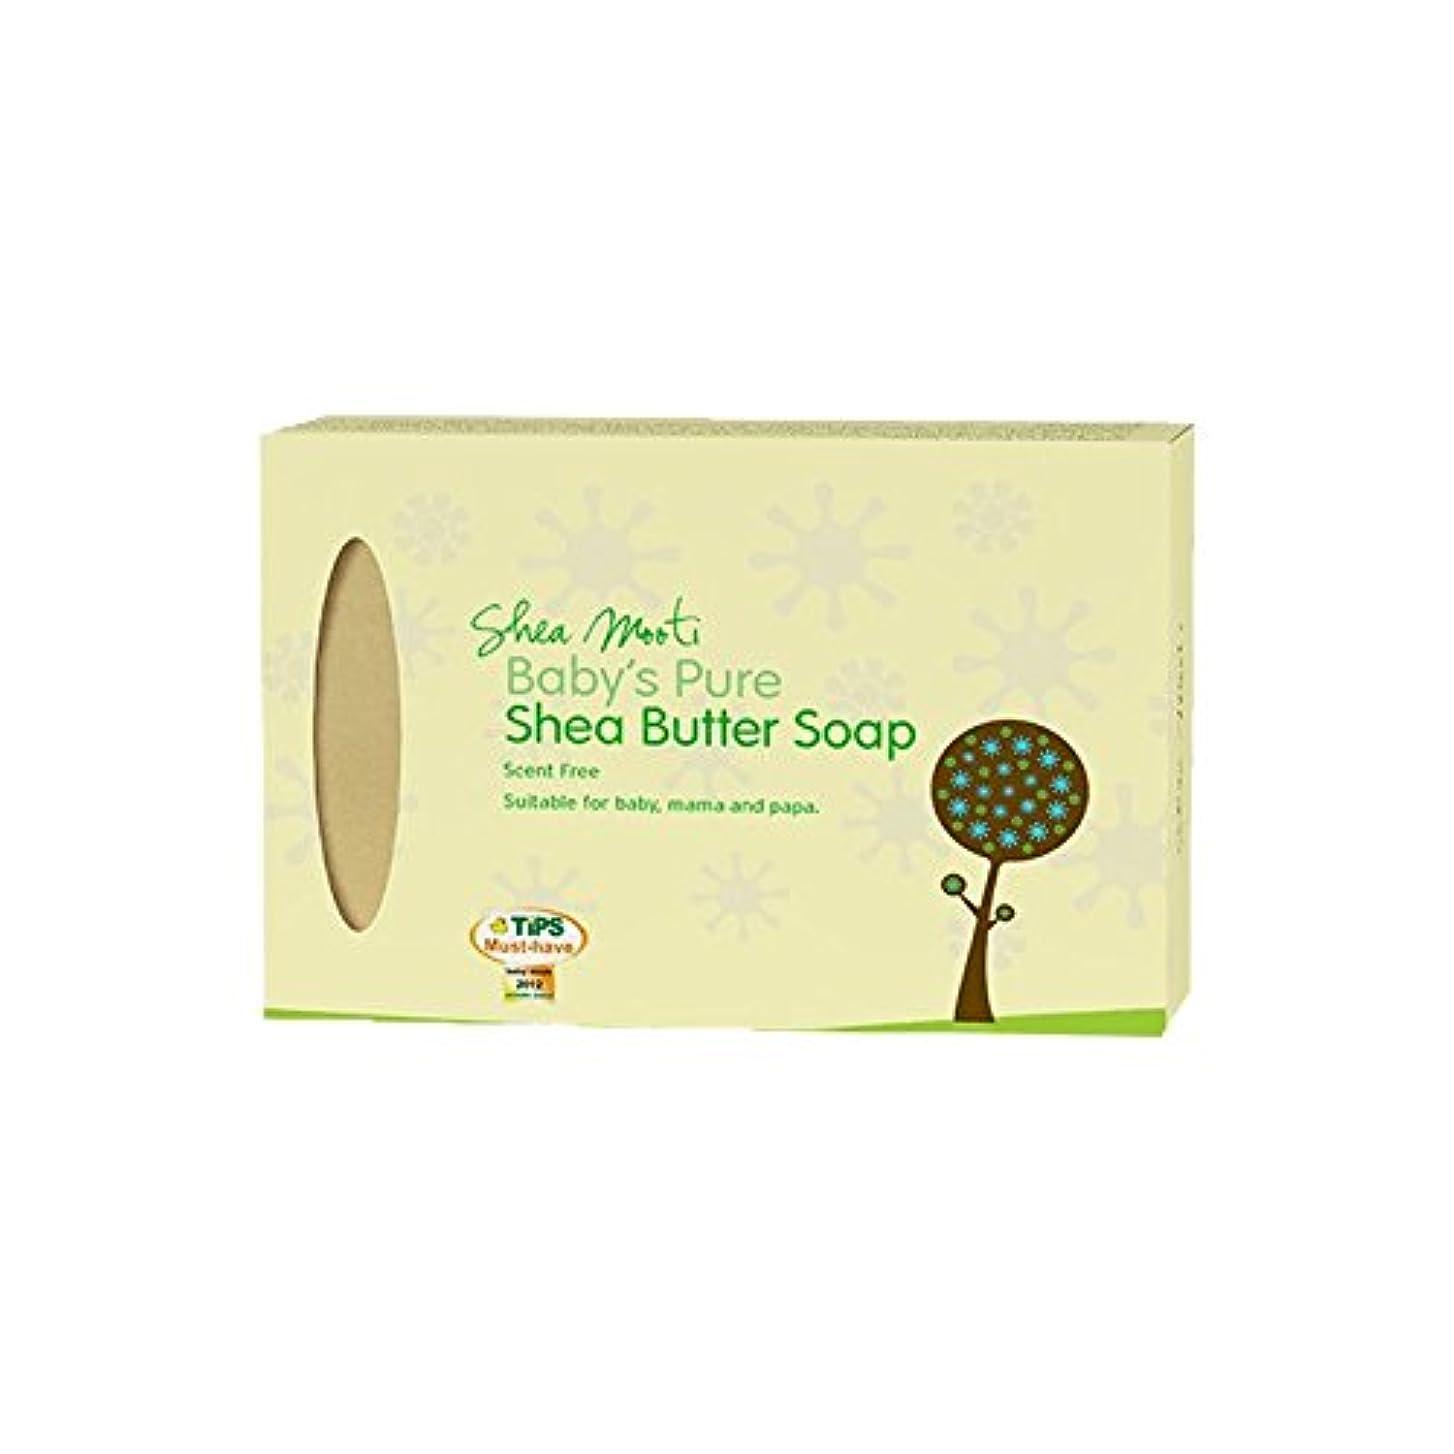 違法移植等価Shea Mooti Baby's Pure Shea Butter Soap Unscented 250ml (Pack of 6) - シアバターMooti赤ちゃんの純粋なシアバターソープ無香250ミリリットル (x6) [並行輸入品]